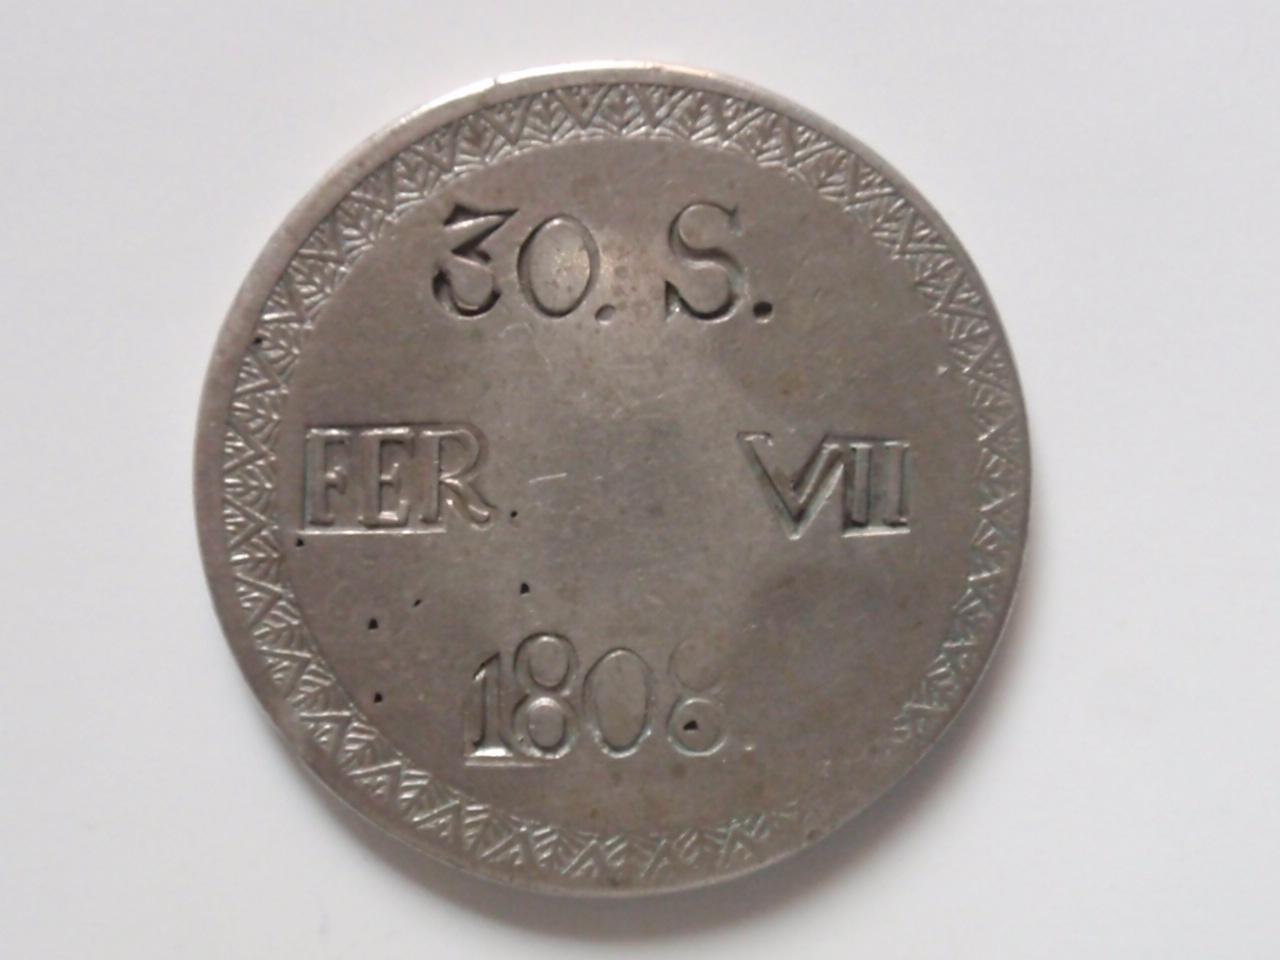 Pasarela de moda numismática Fernandina en Palma: Crónica. 180830sous_001